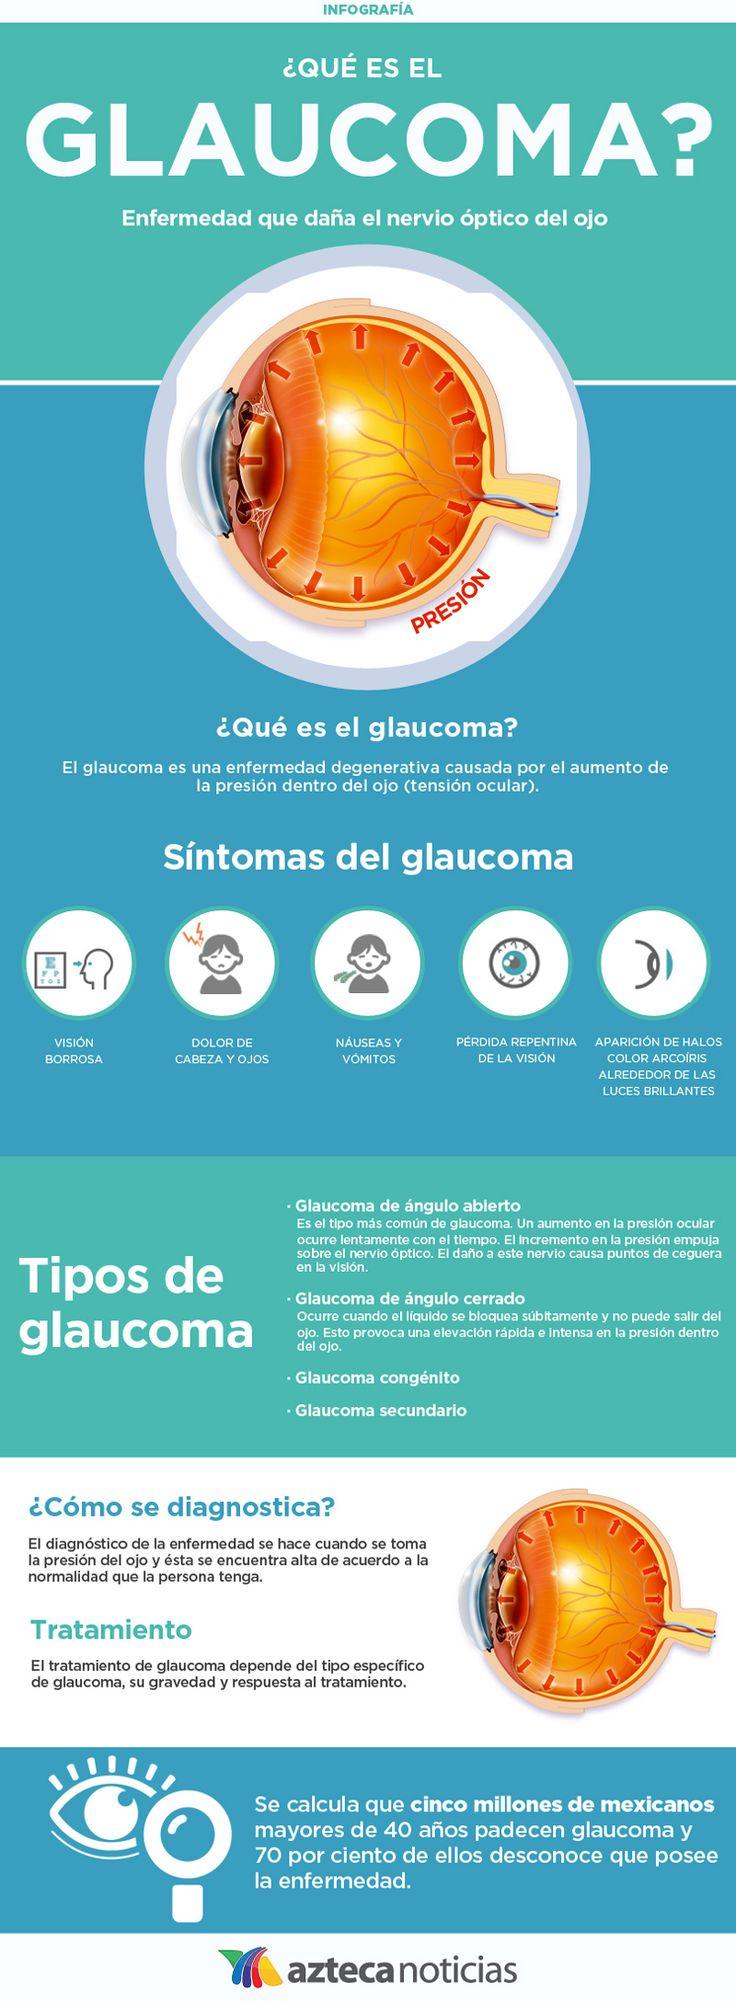 ¿Qué es el glaucoma? #infografia